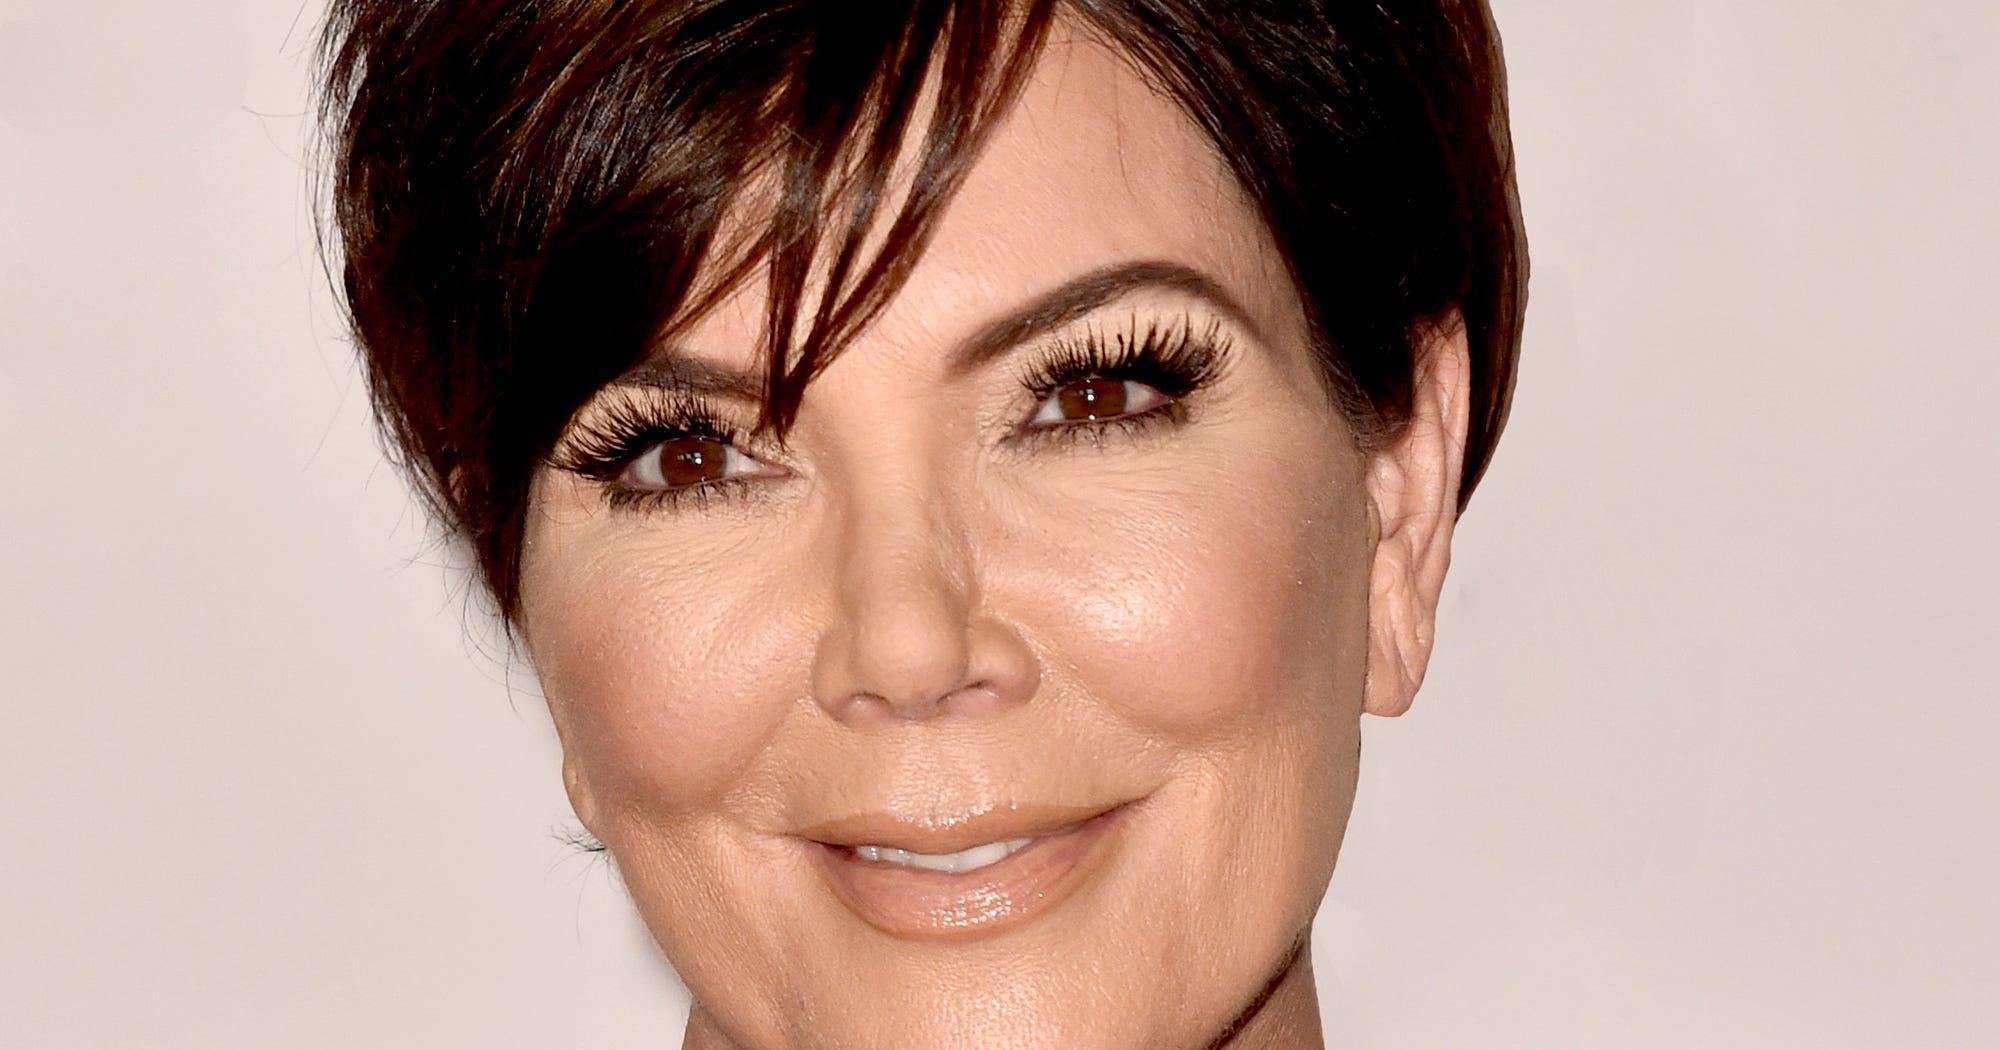 Kris Jenner Nicole Brown Simpson OJ Simpson Gloves   2000 x 1050 jpeg 177kB